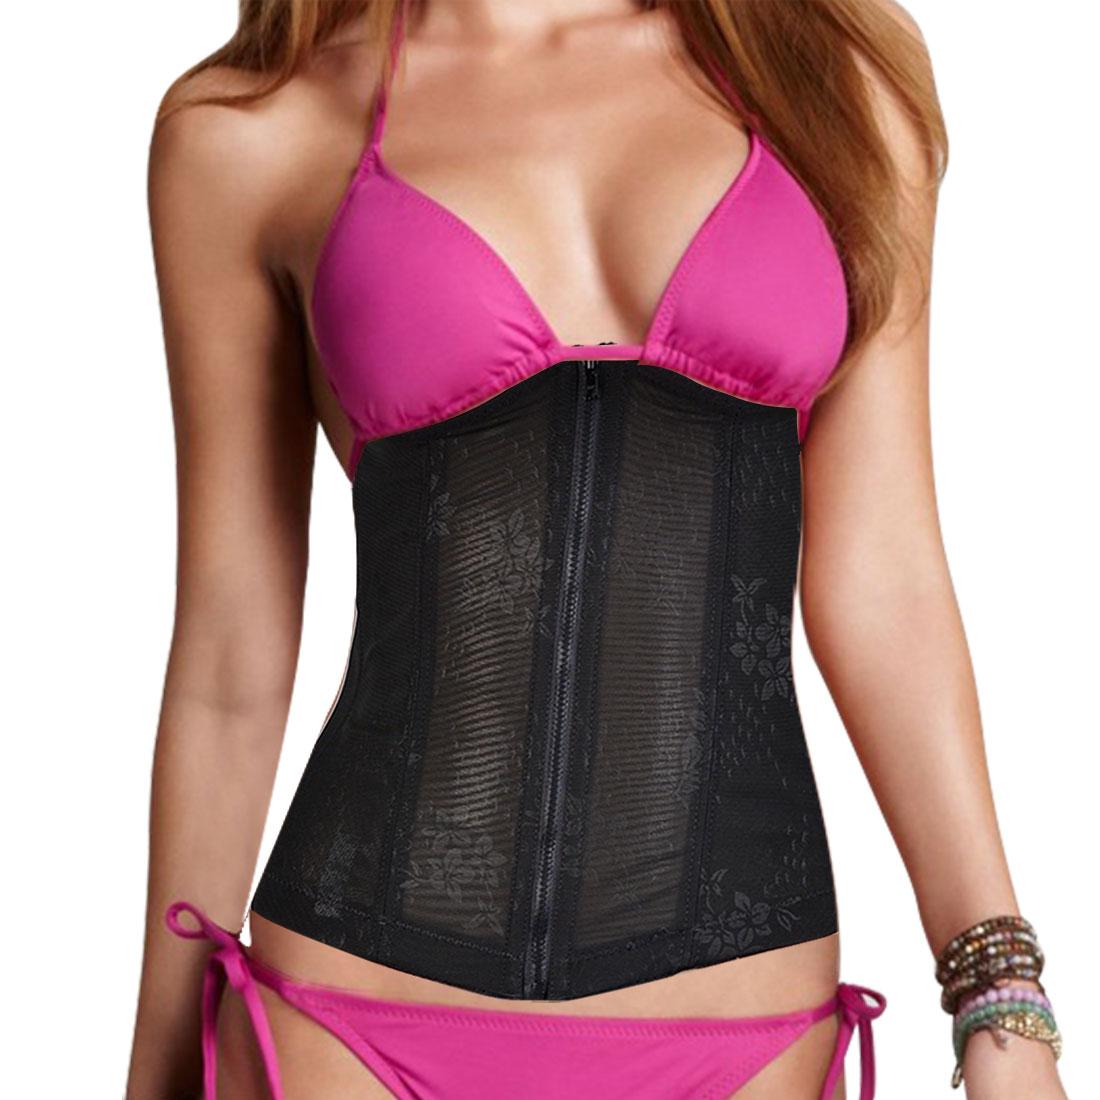 Women Elastic Shapewear Slimming Belt Zip Front Corset Waist Cincher Black S